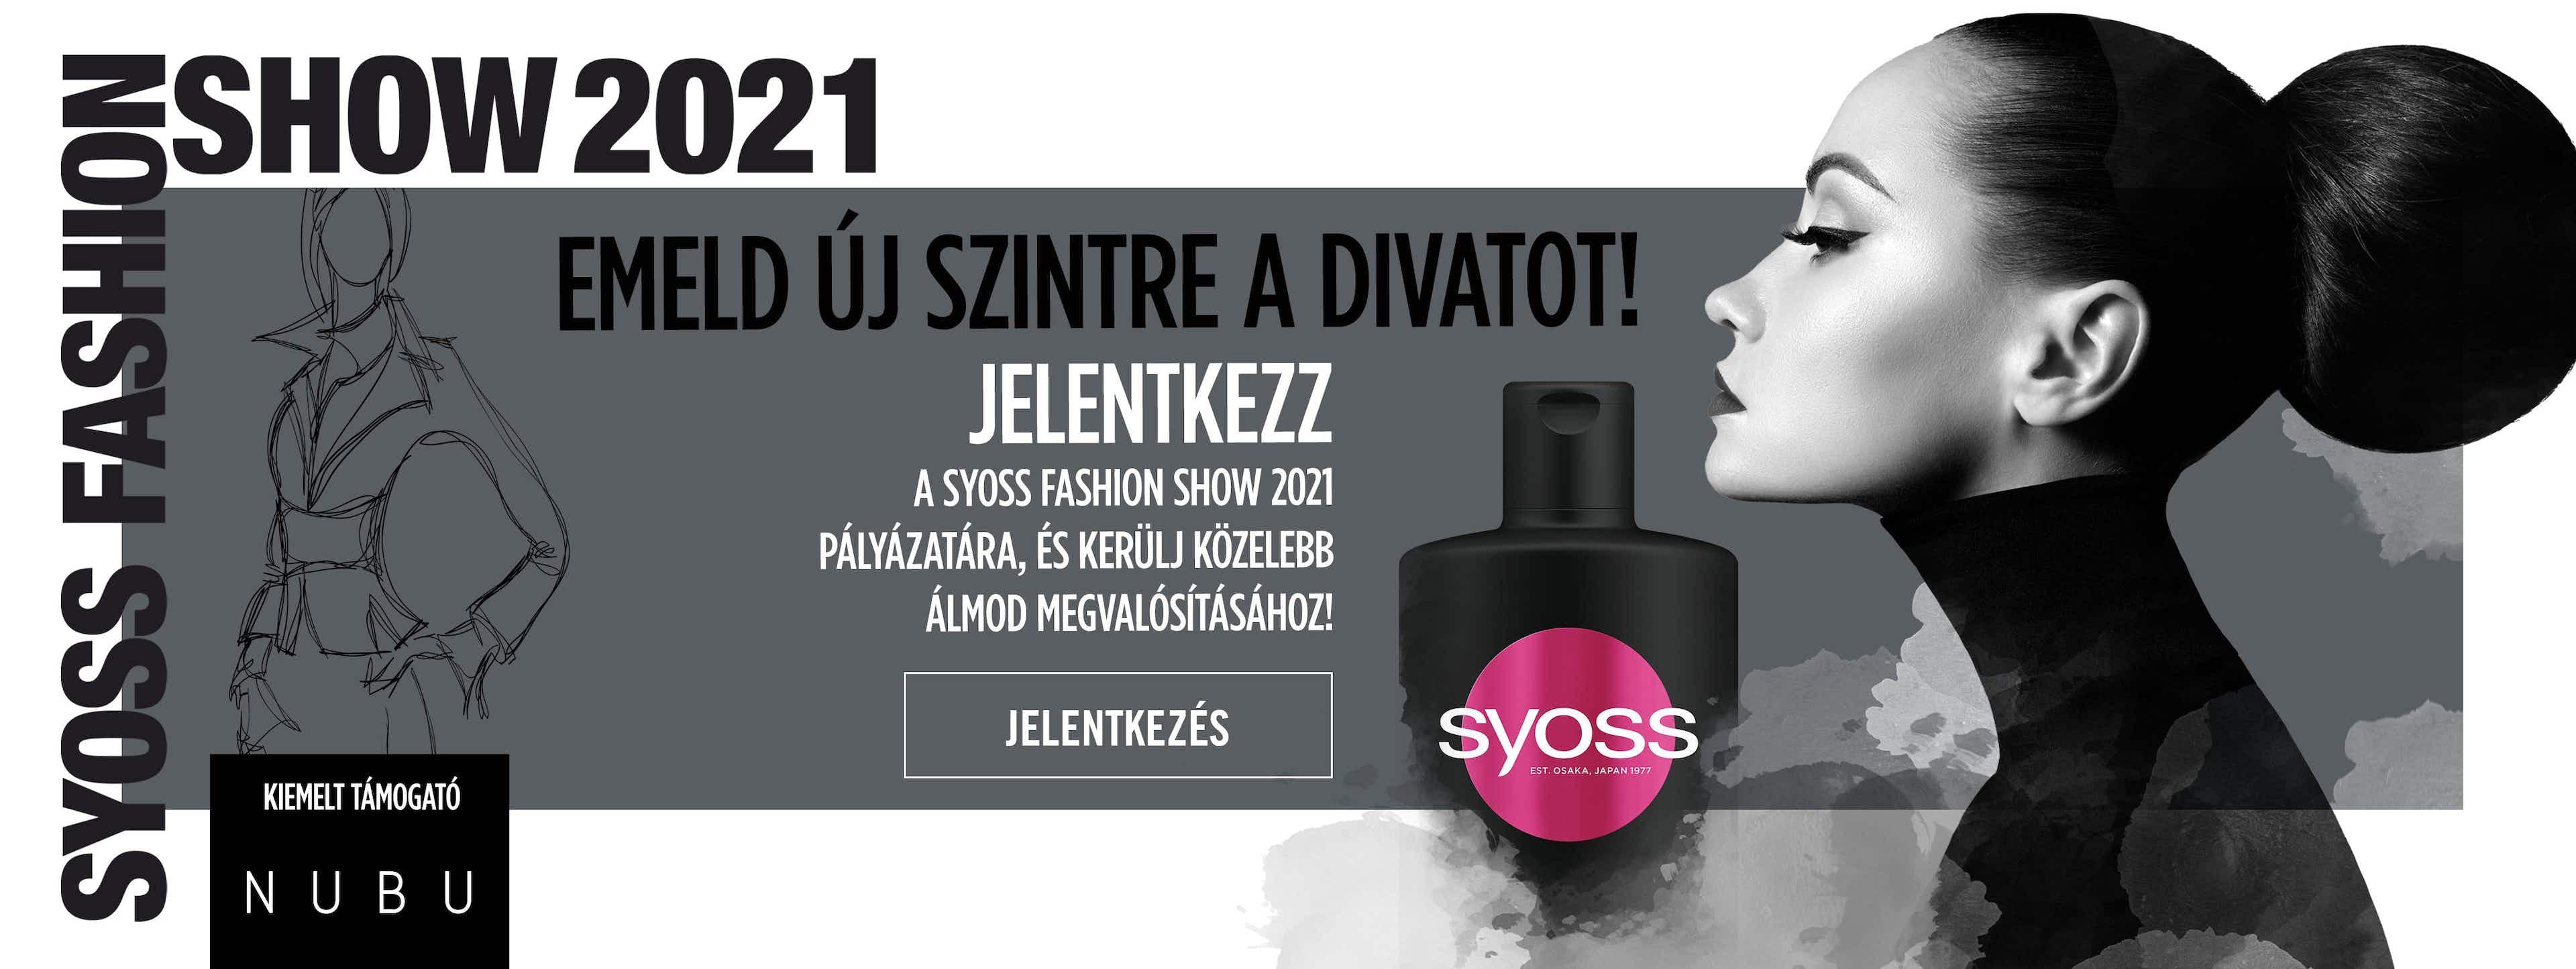 Syoss Fashion Show 2021